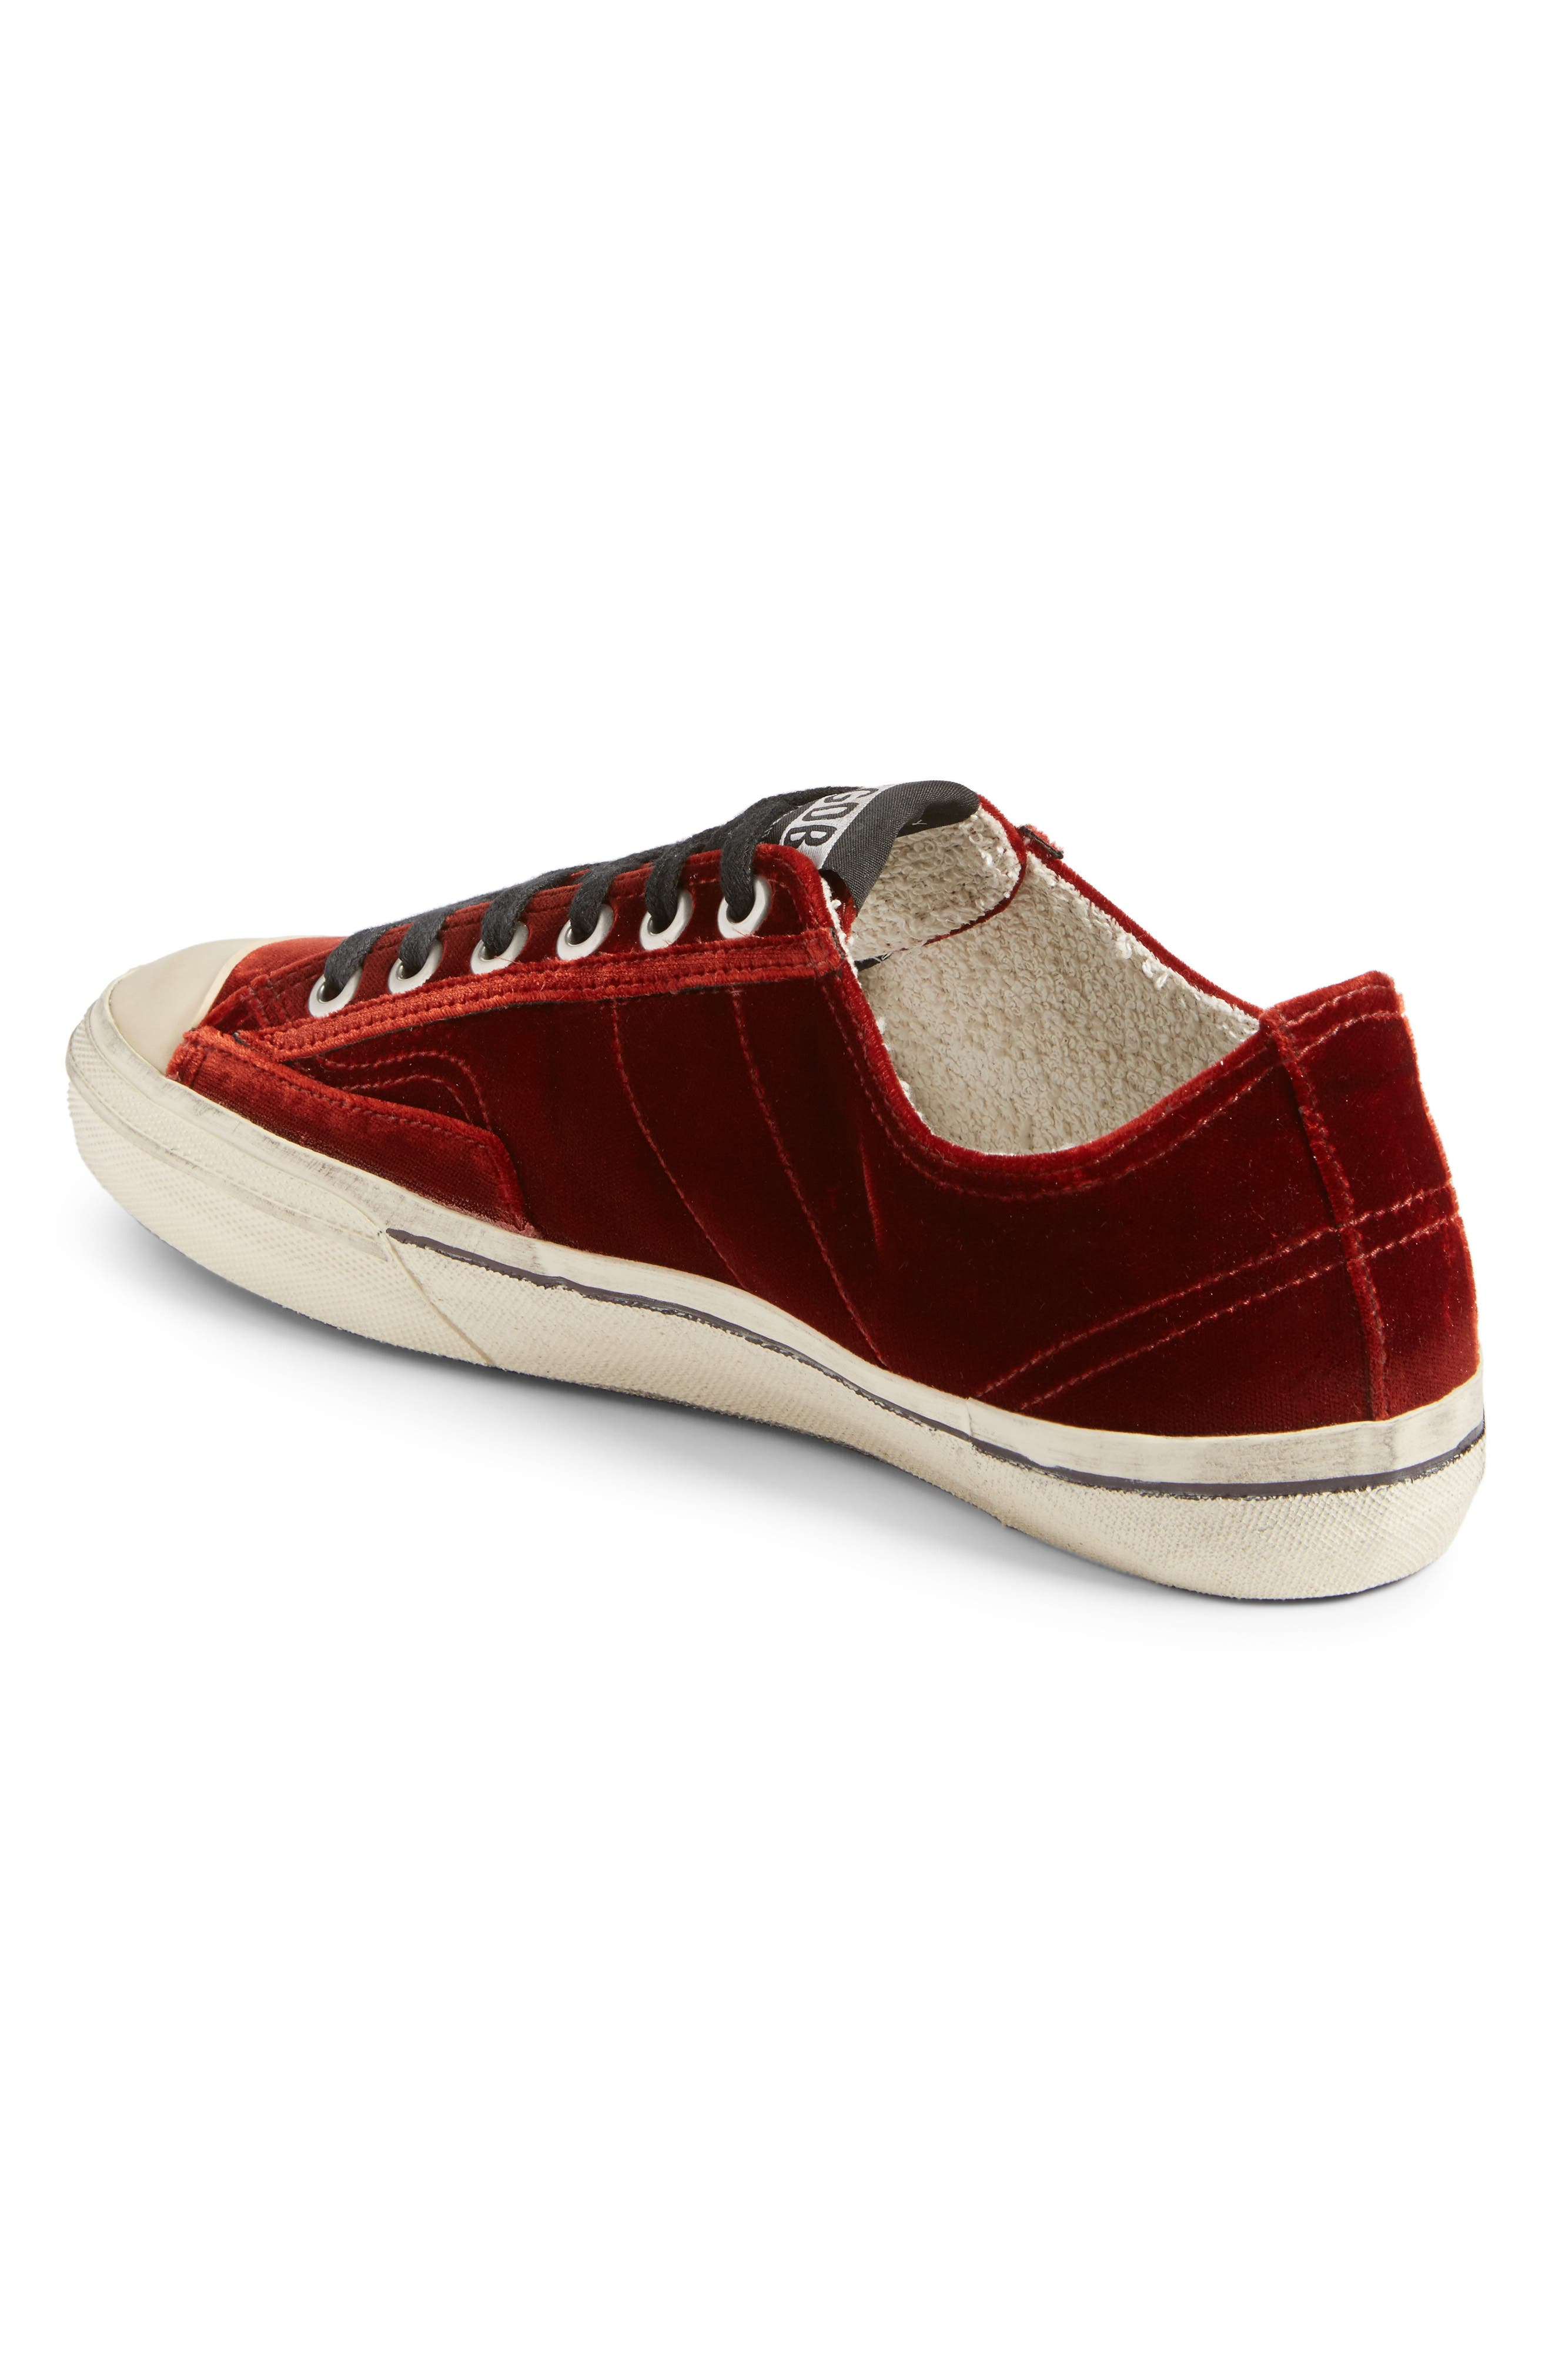 Alternate Image 2  - Golden Goose V-Star 2 Low Top Sneaker (Women)